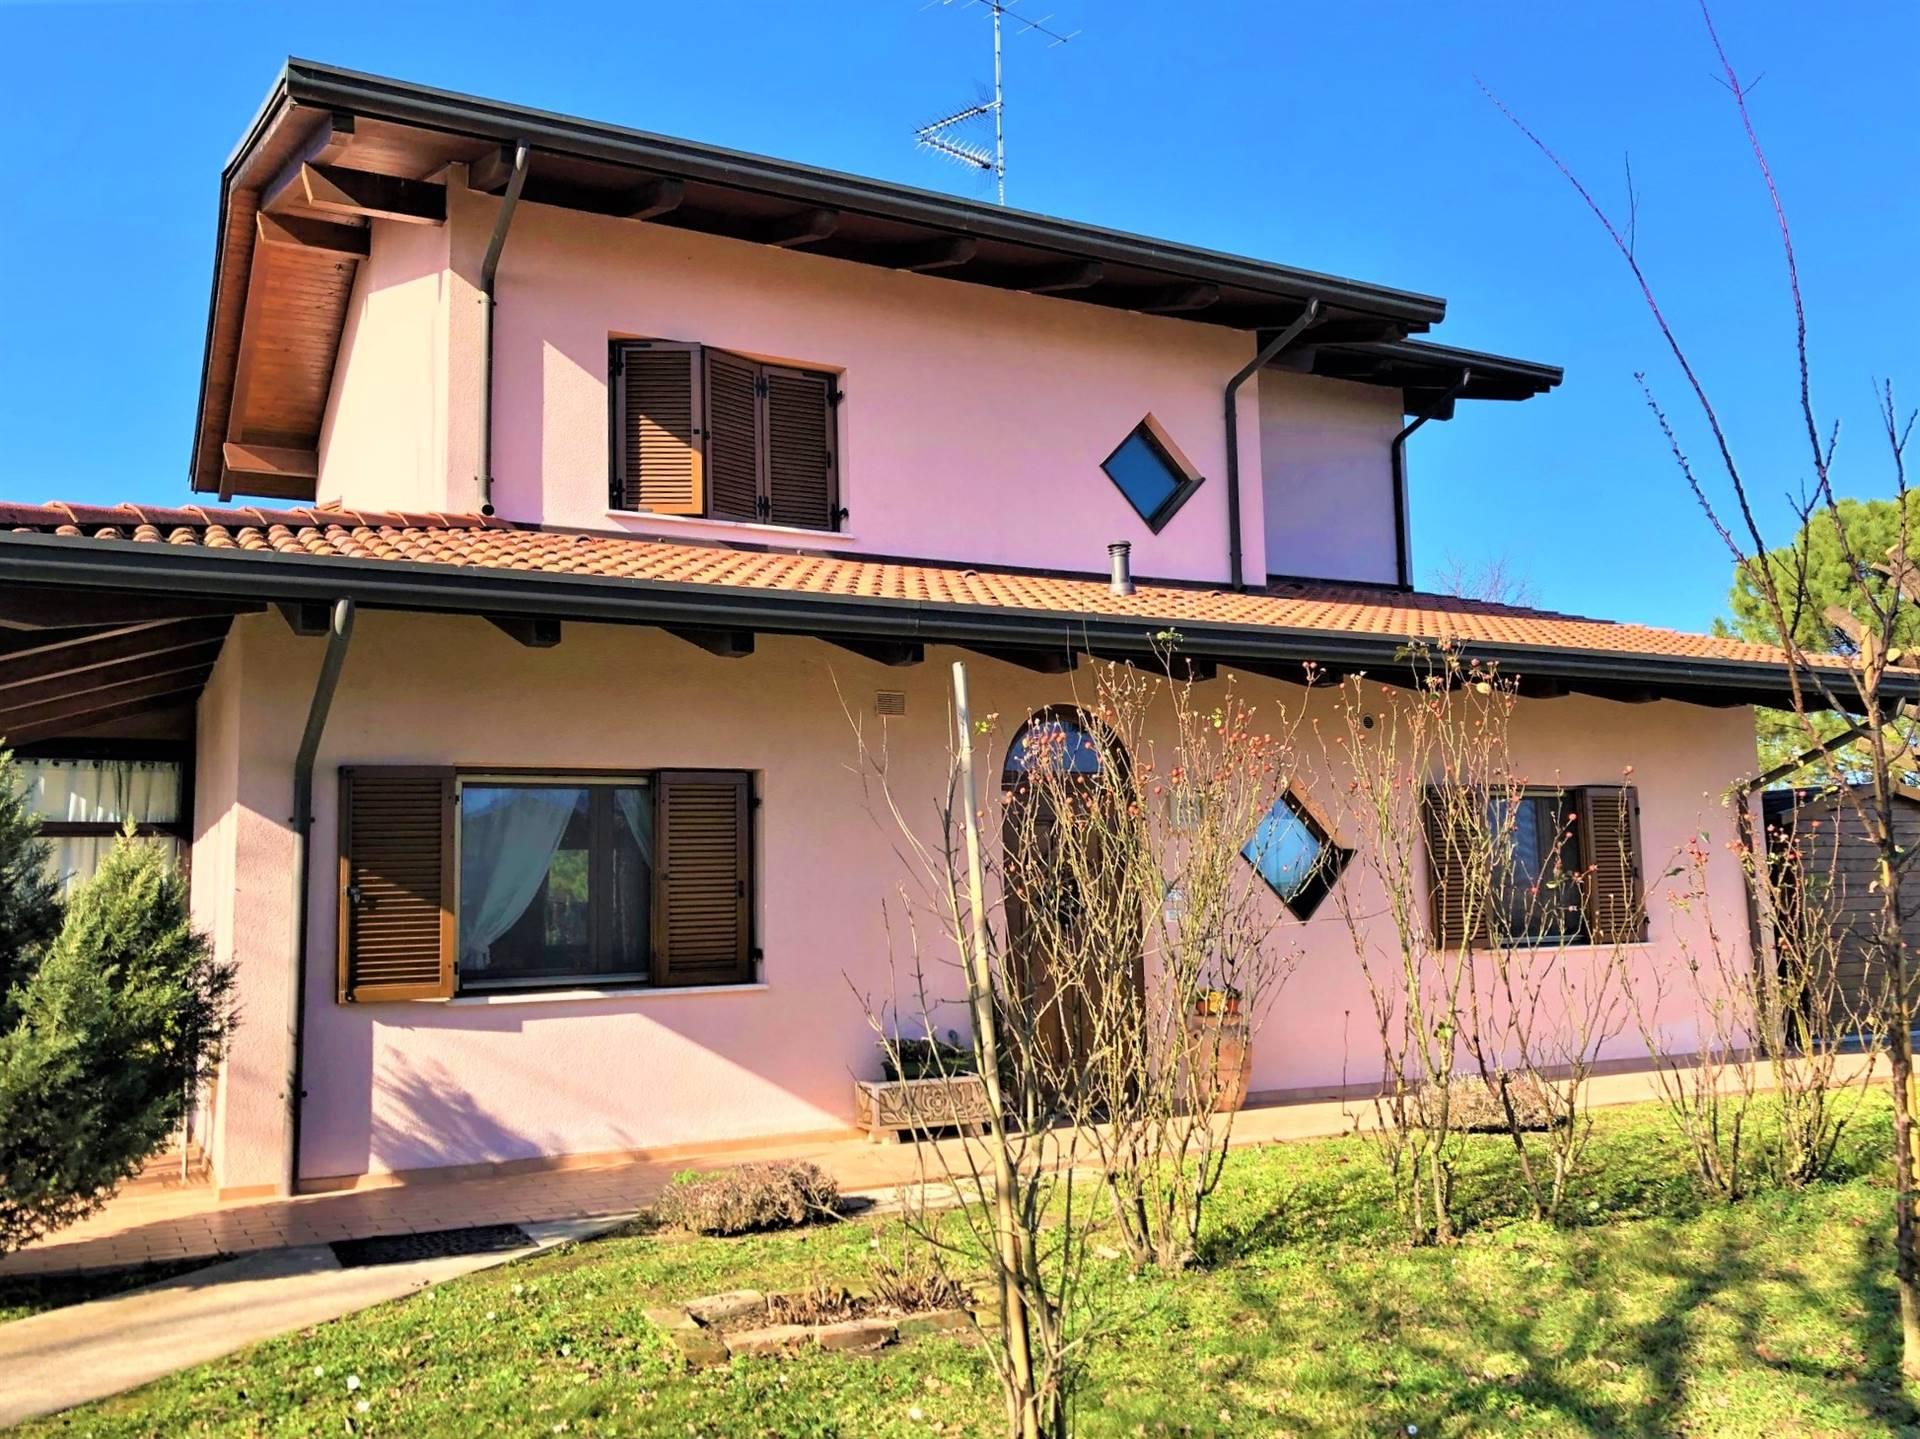 Villa in vendita a Lugo, 8 locali, zona Località: VOLTANA, prezzo € 290.000 | CambioCasa.it